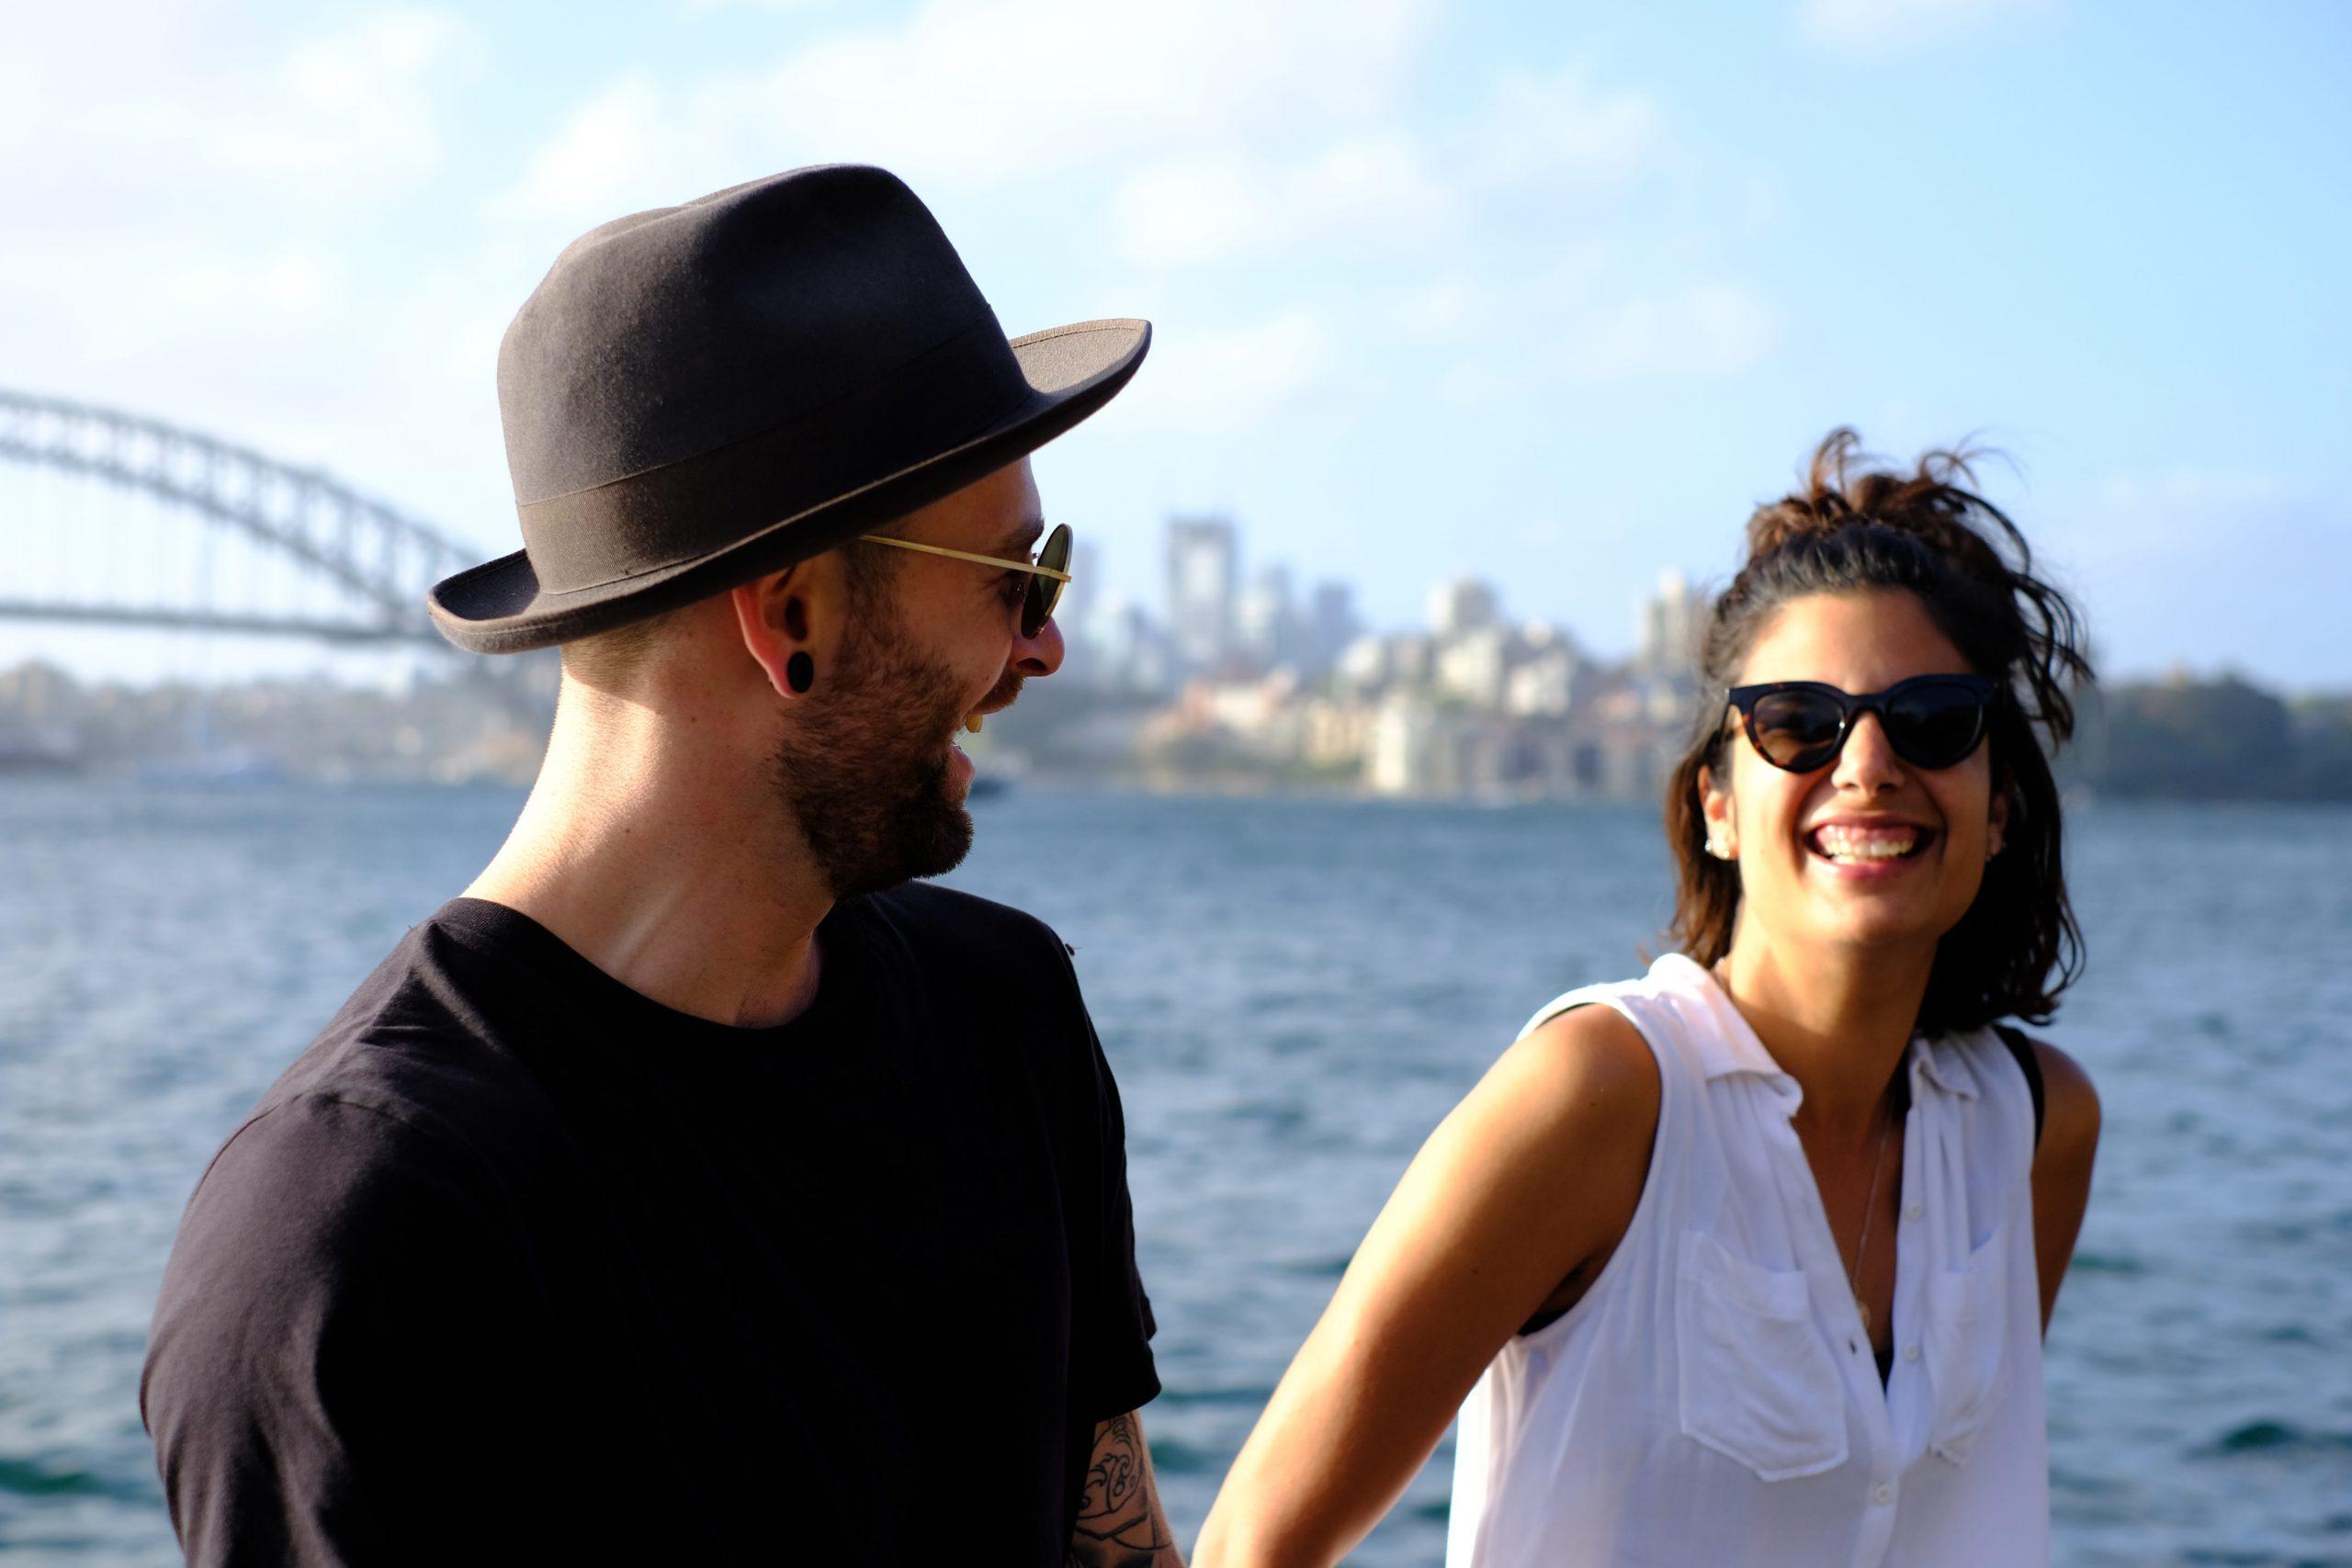 La oxitocina ayuda a forjar lazos permanentes en la pareja.